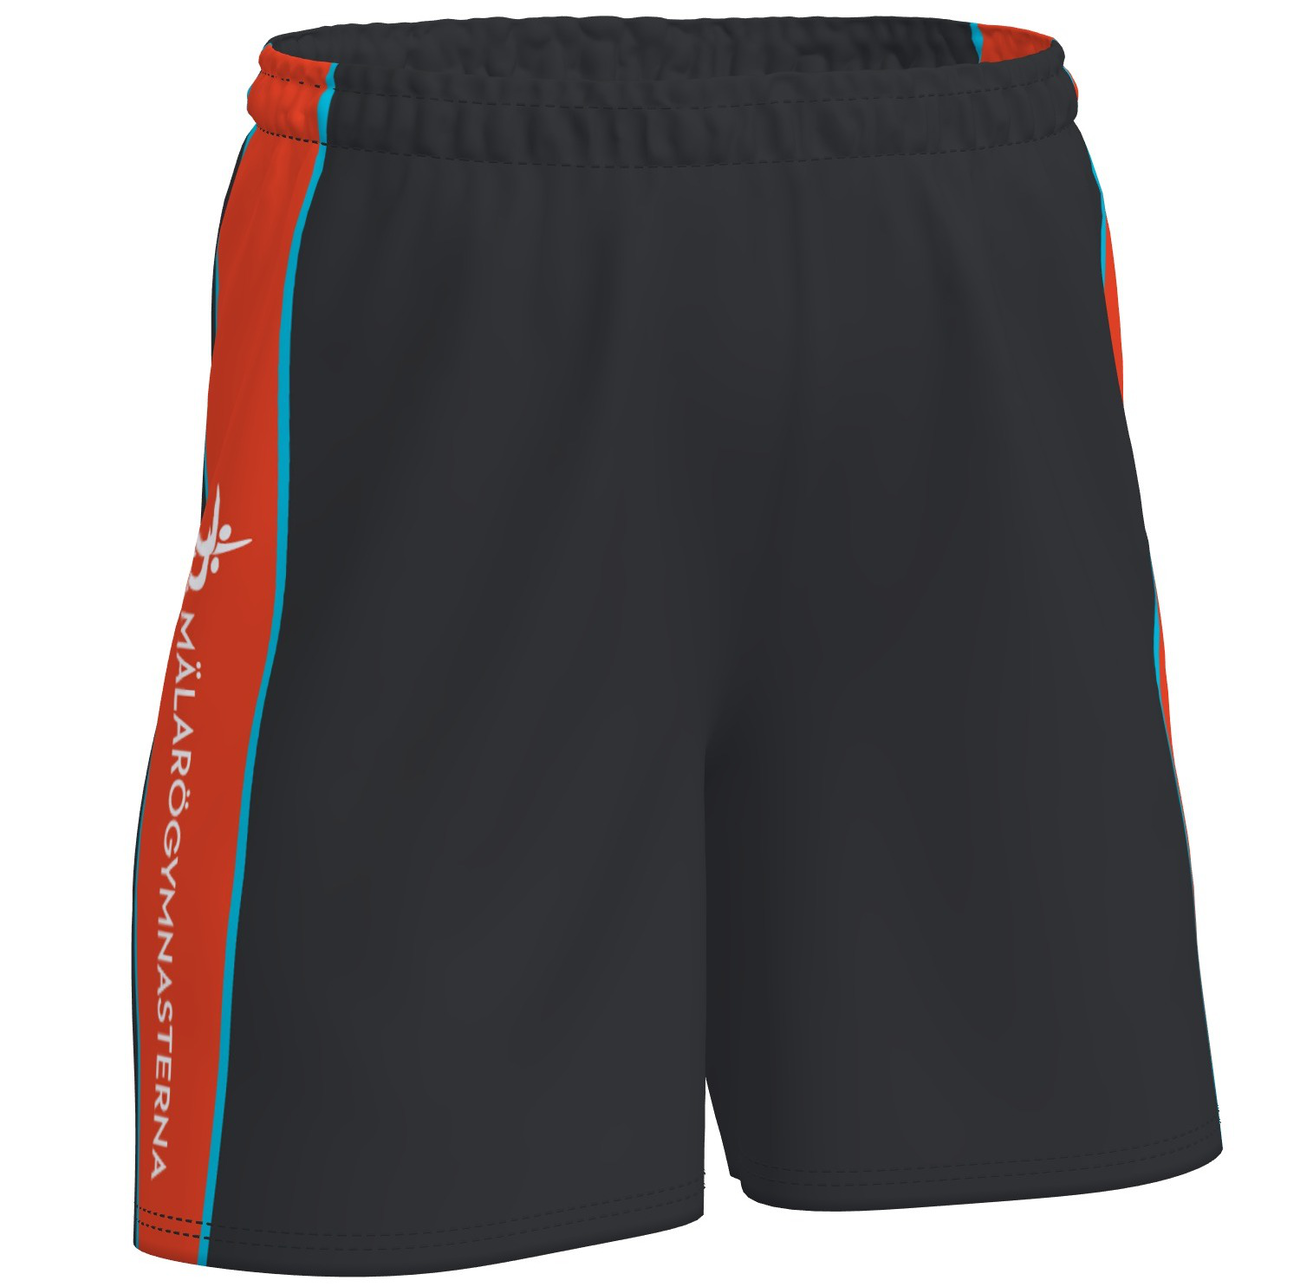 Spark shorts unisex